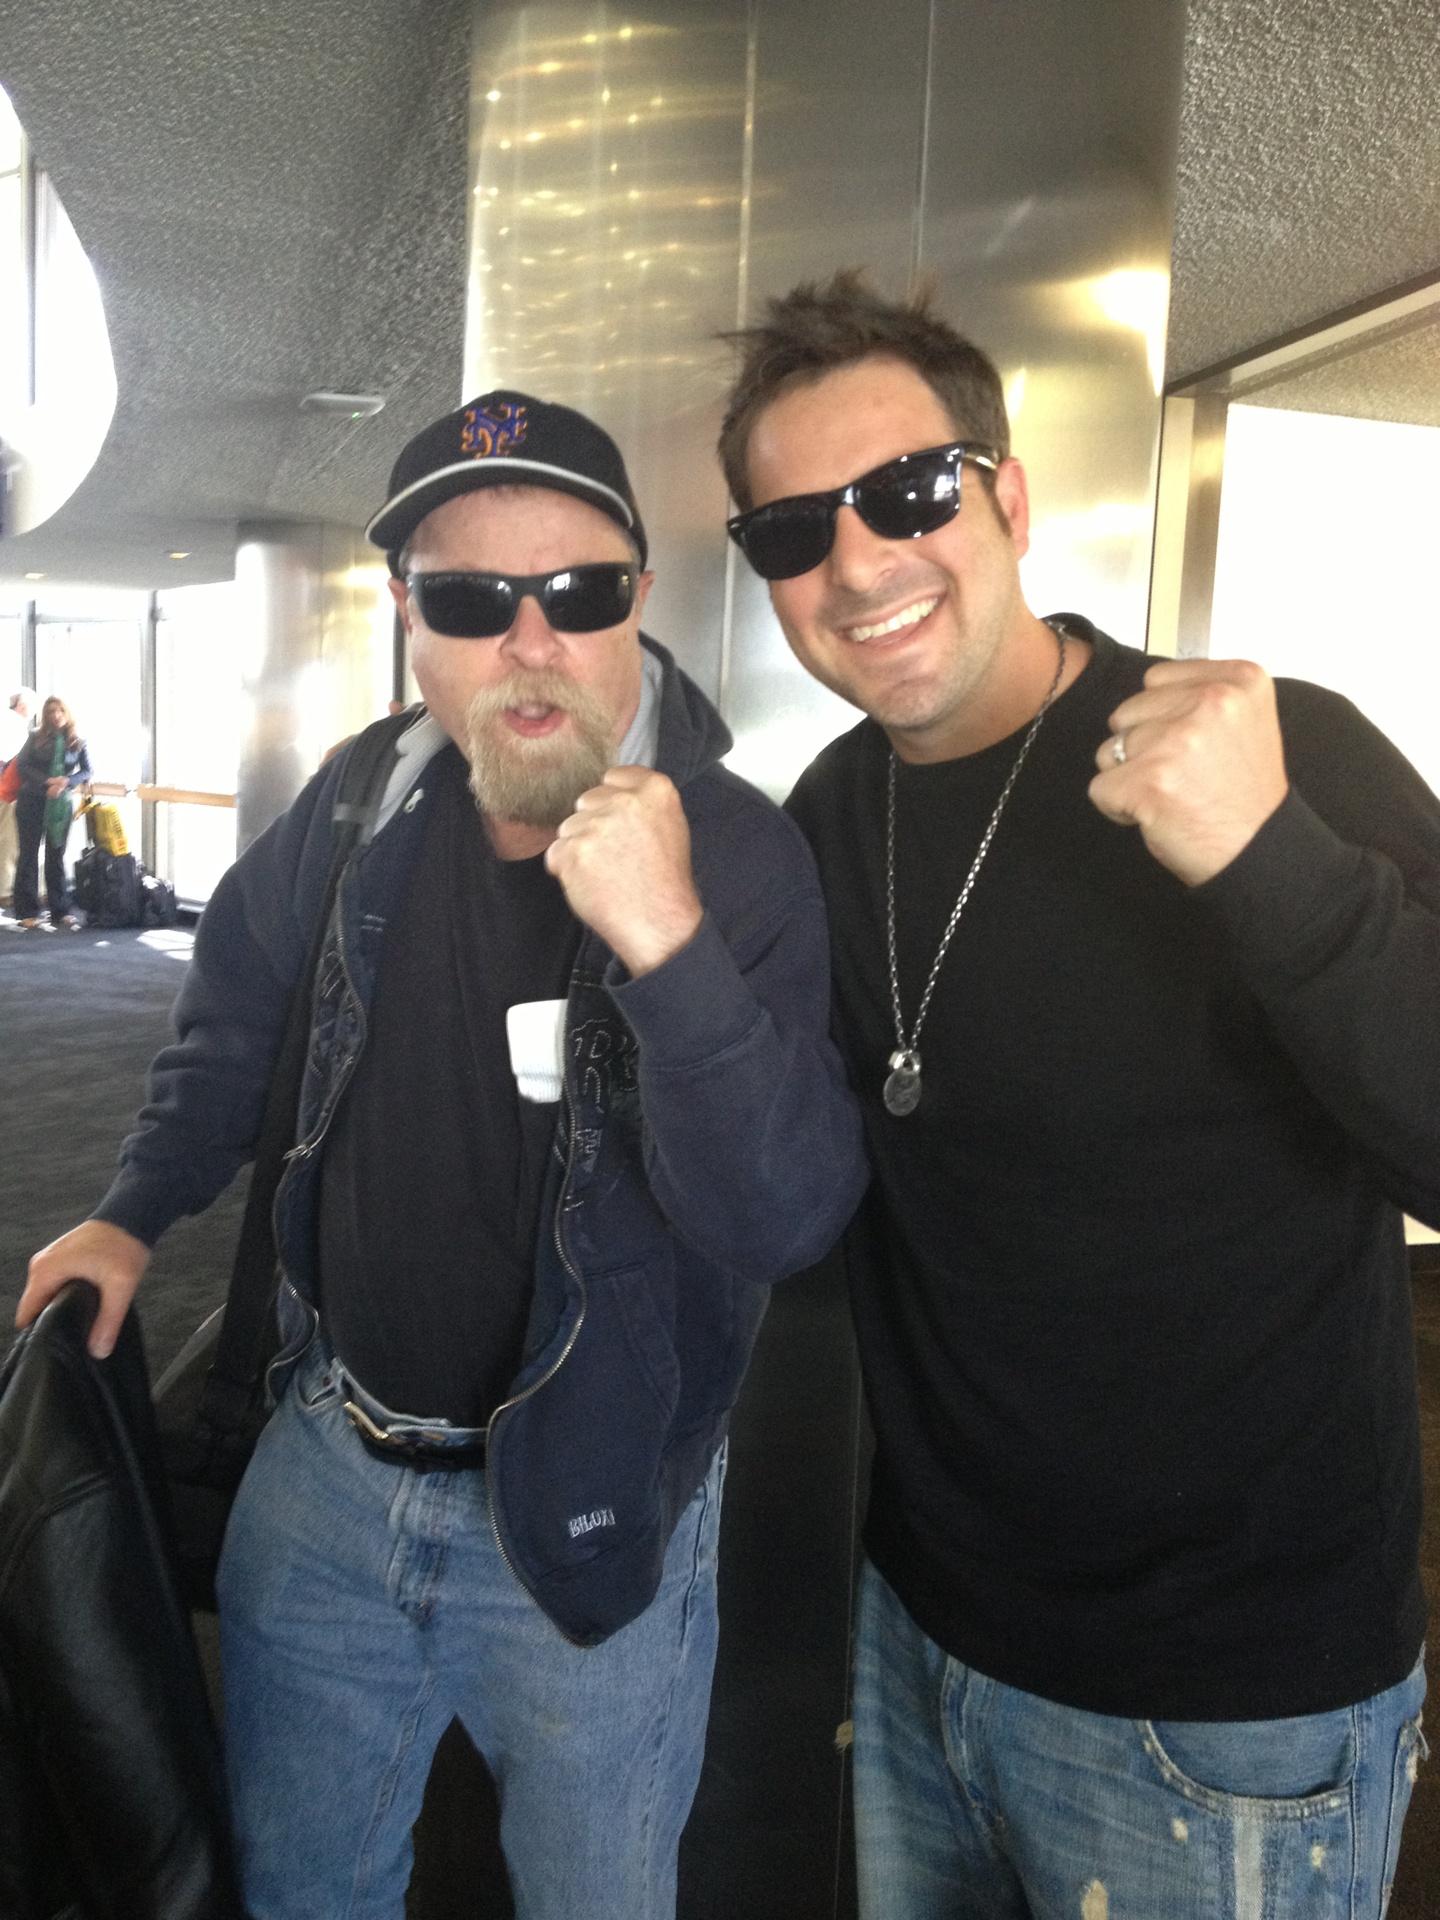 Eric Bloom and Evan Golden